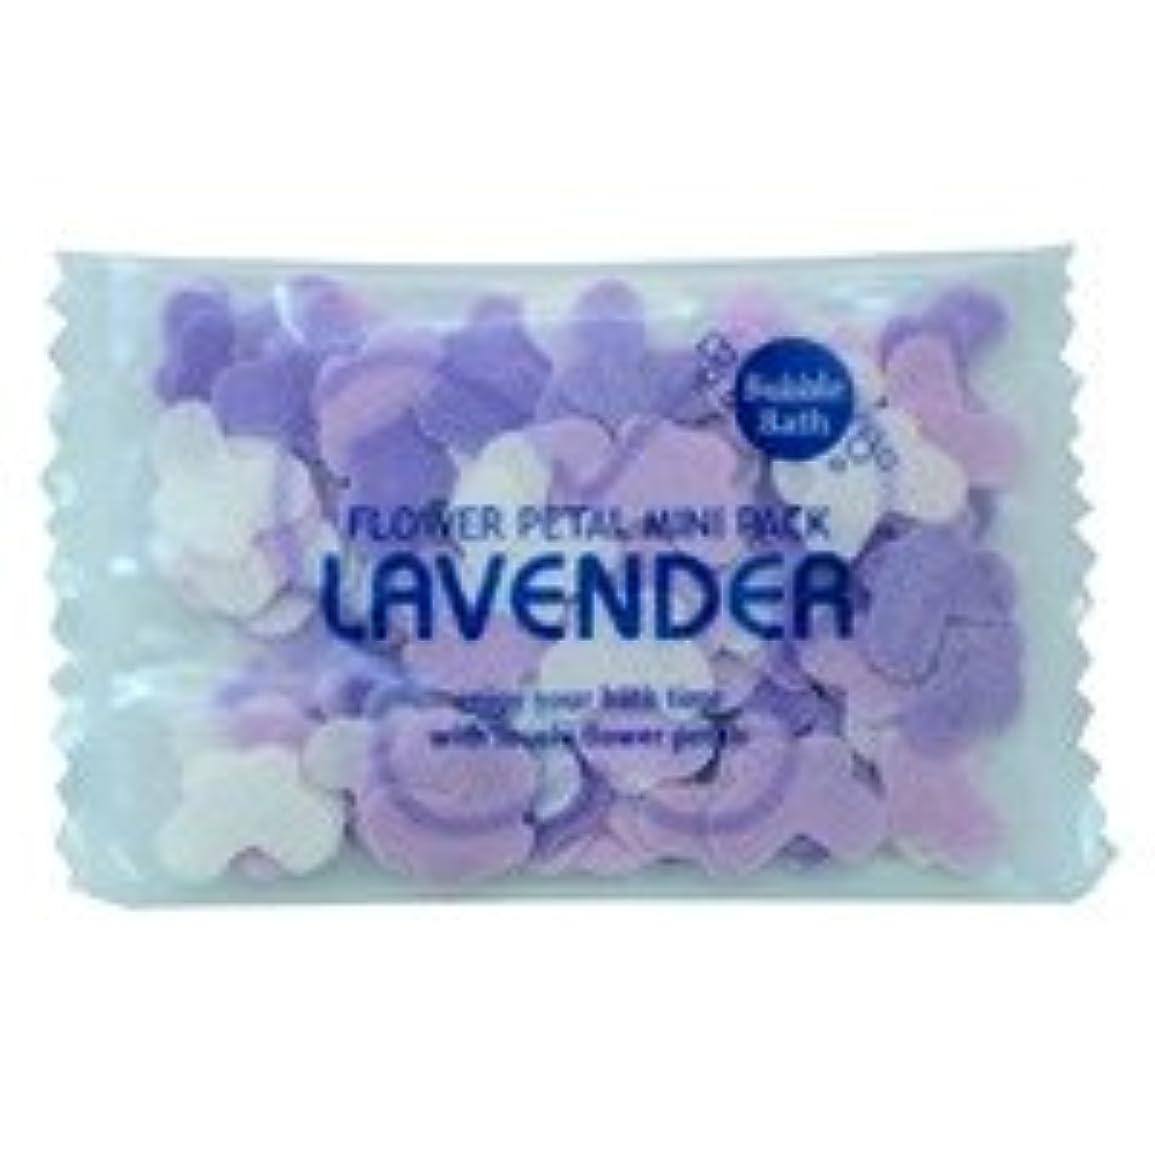 カラス対応ピッチフラワーペタル バブルバス ミニパック「ラベンダー」20個セット ゆったりリラックスしたい日に心を癒してくれるやさしいラベンダーの香り